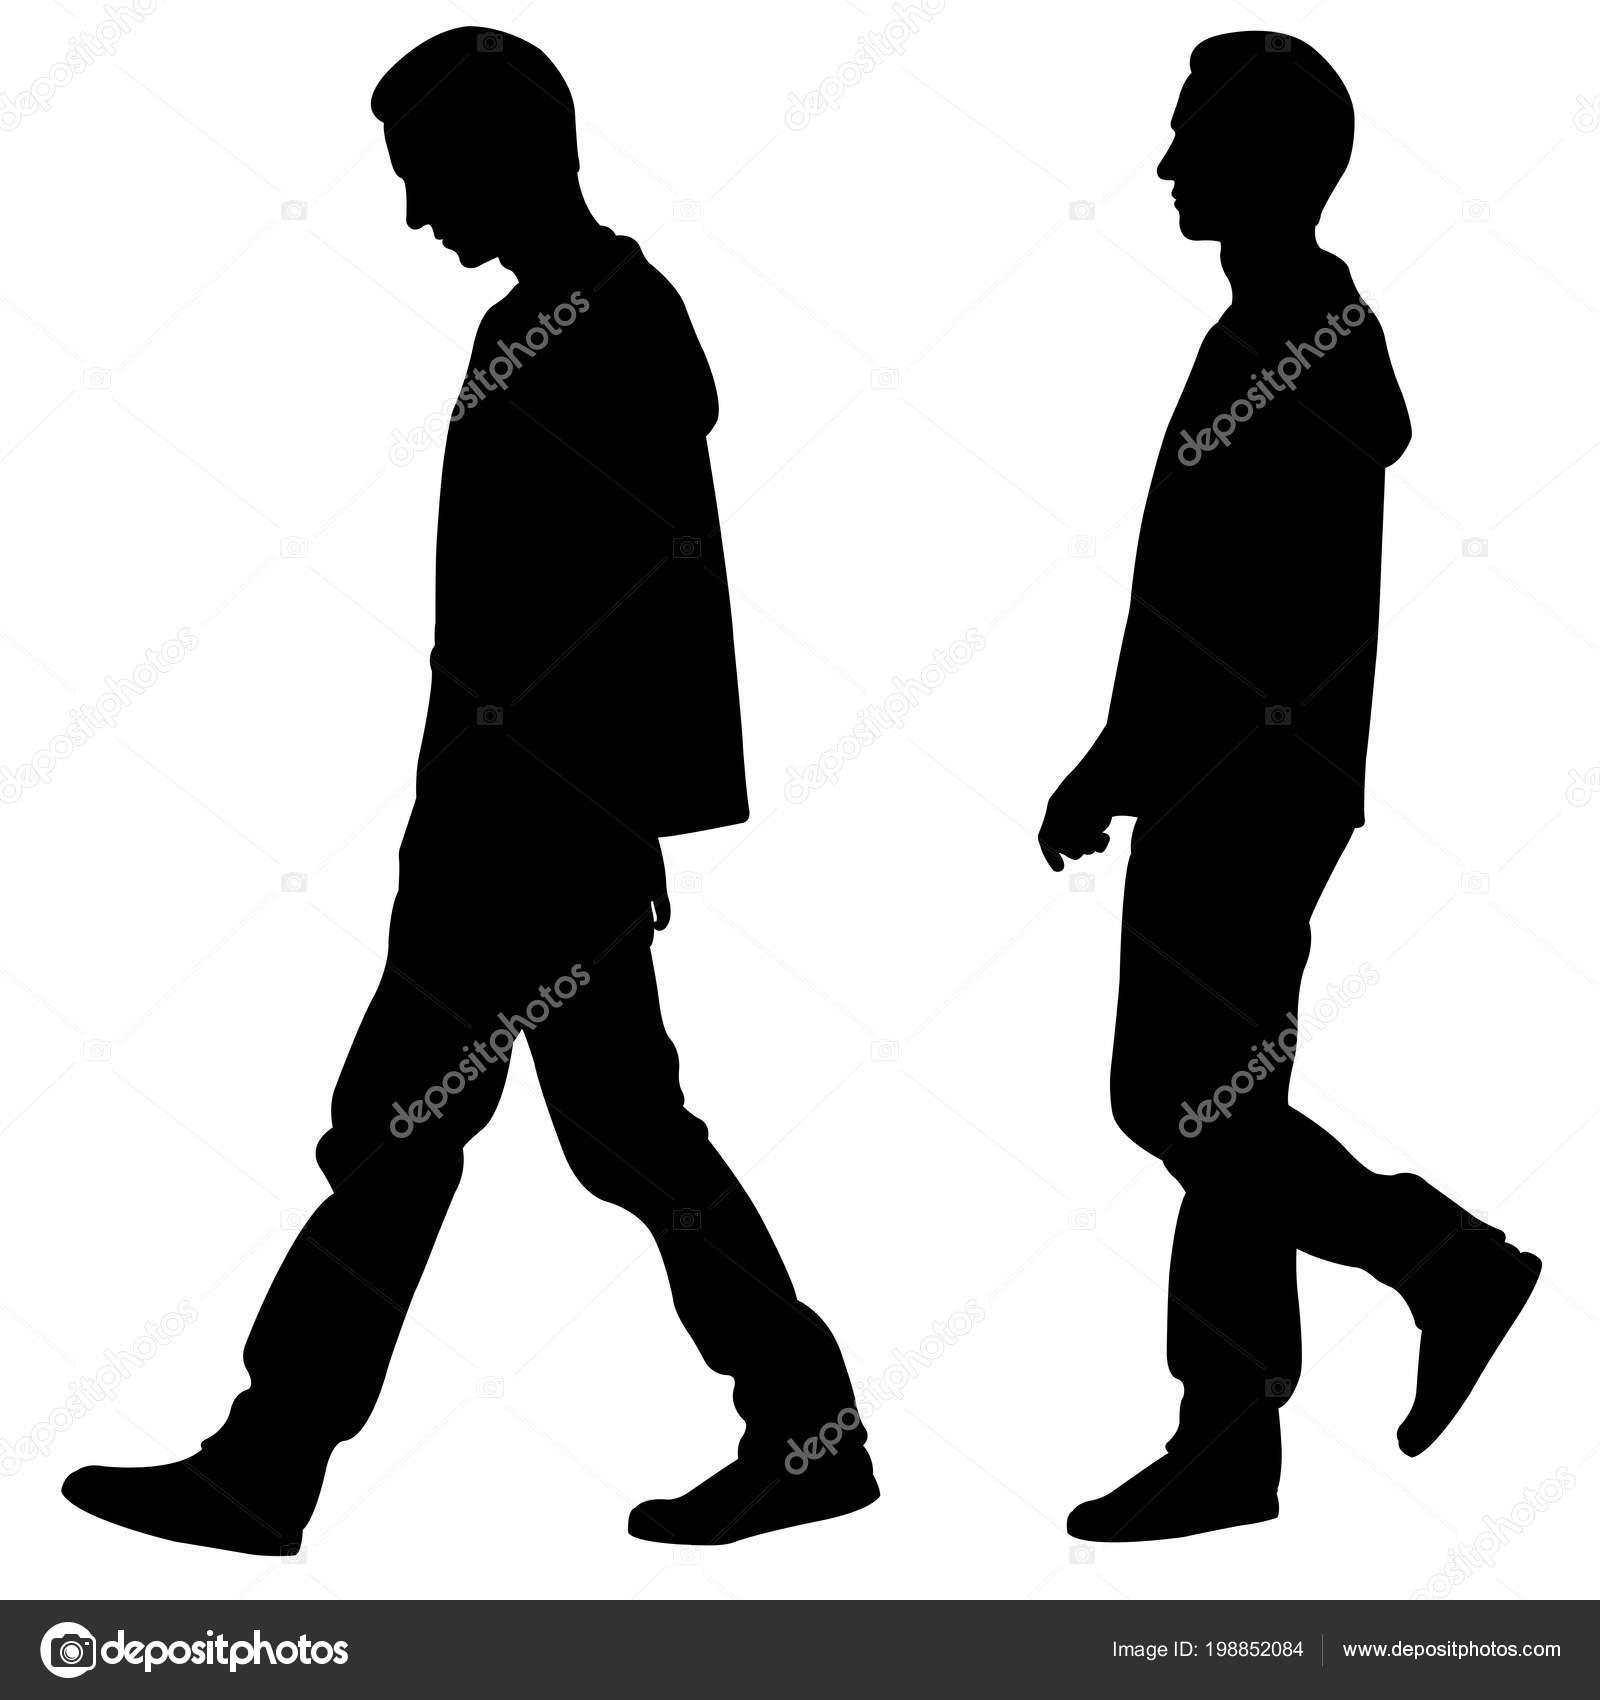 Sagome Persone Che Camminano.Sagome Persone Che Camminano Isolate Bianco Vettoriali